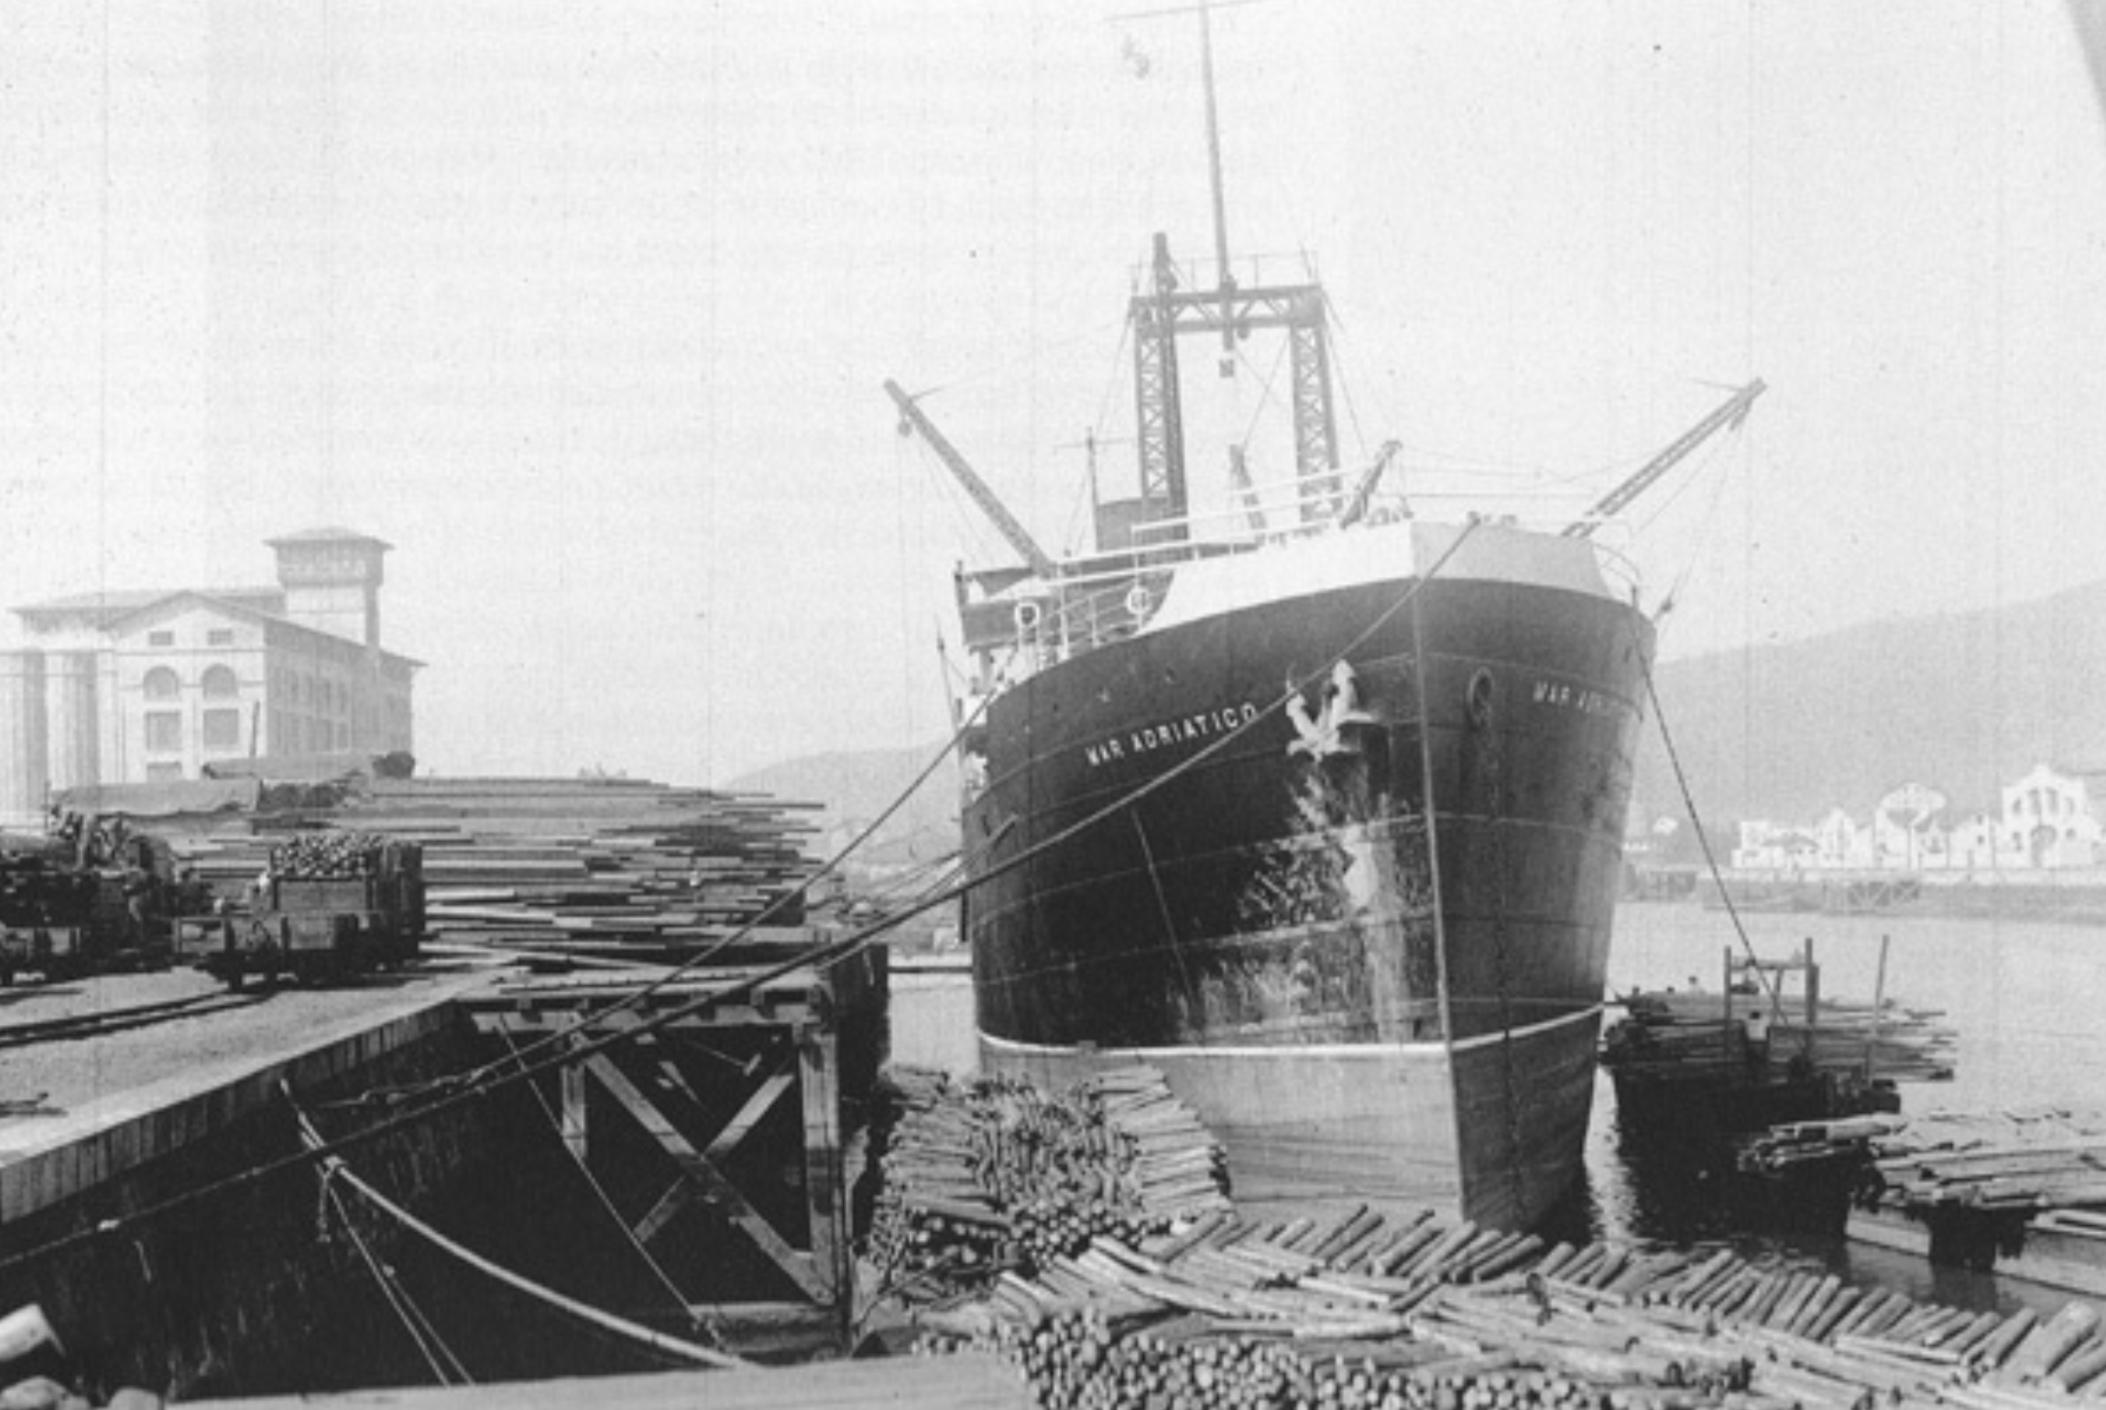 """""""Mar Adriático"""" descargando madera en Bilbao, antes de recibir el nombre """"Isla de Gran Canaria"""". Fuente: trasmeships.es"""